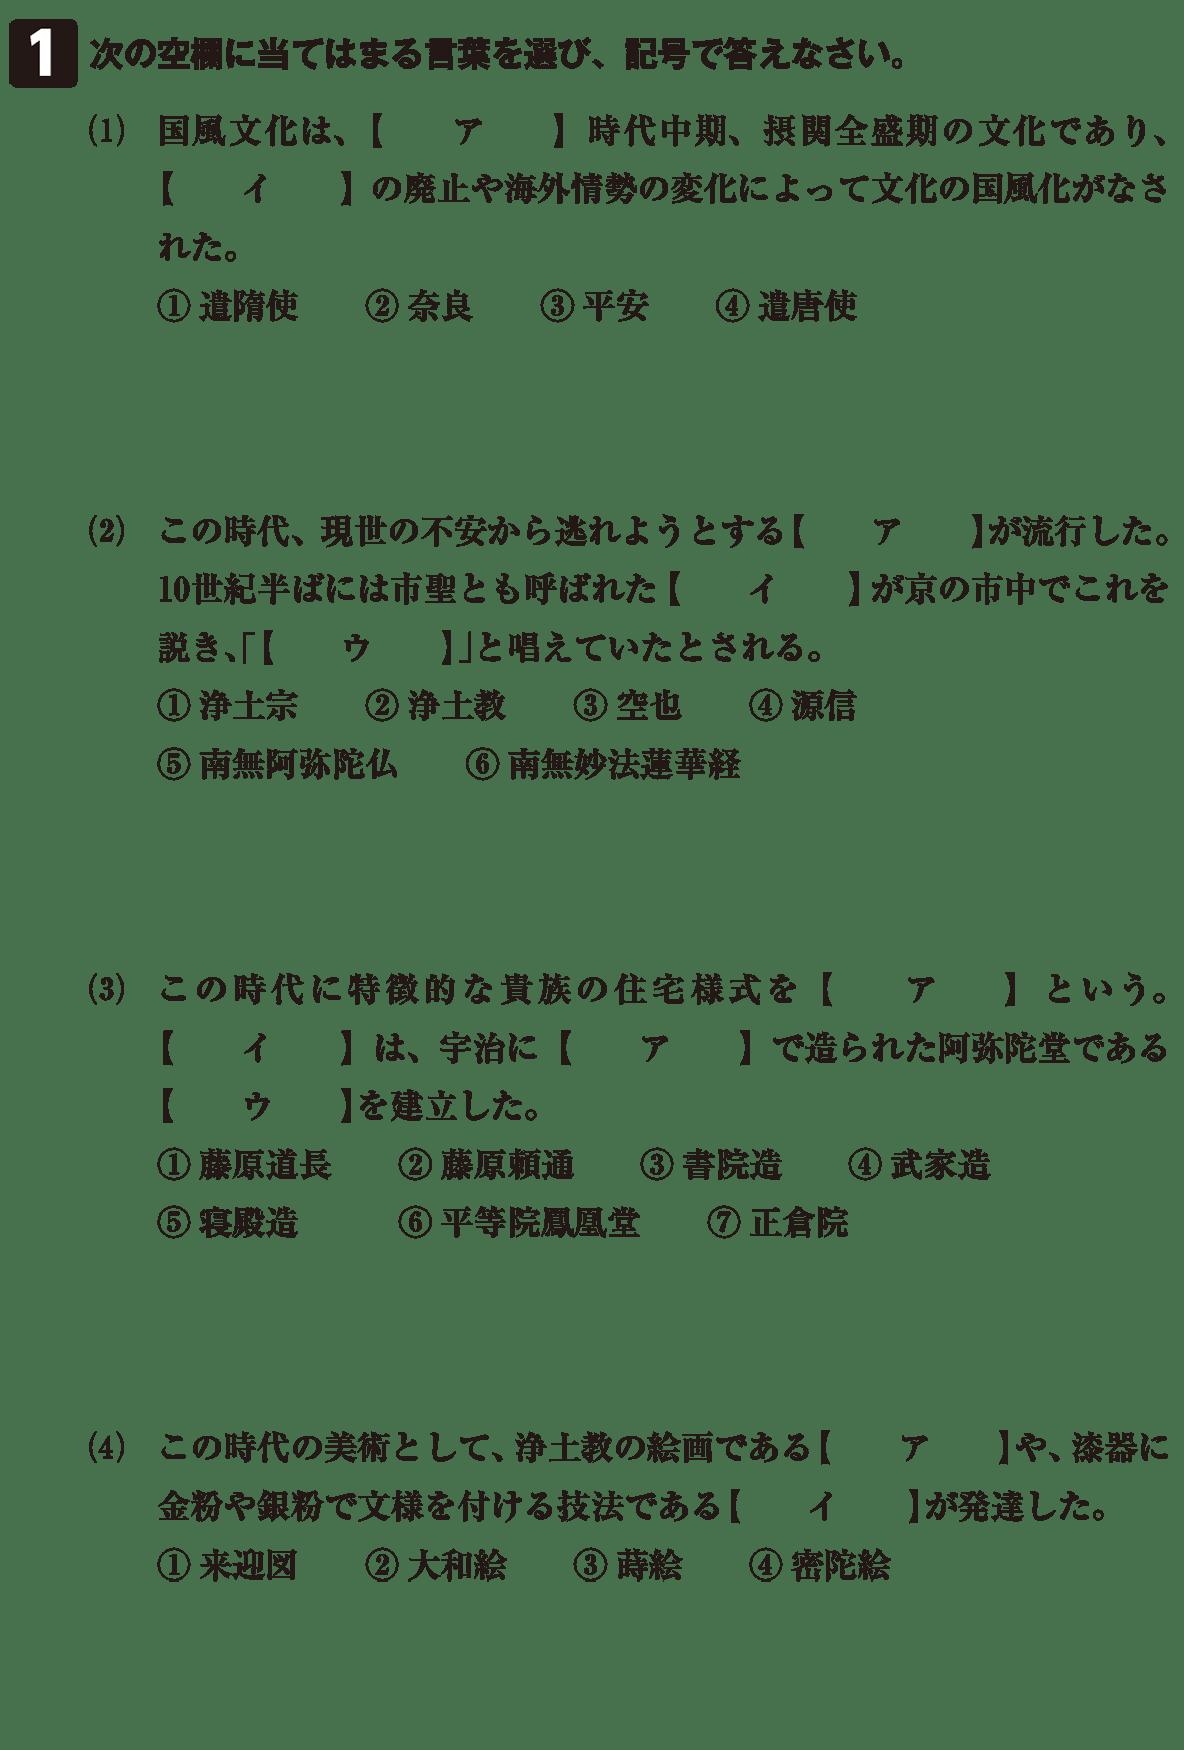 原始・古代文化21 問題1 問題